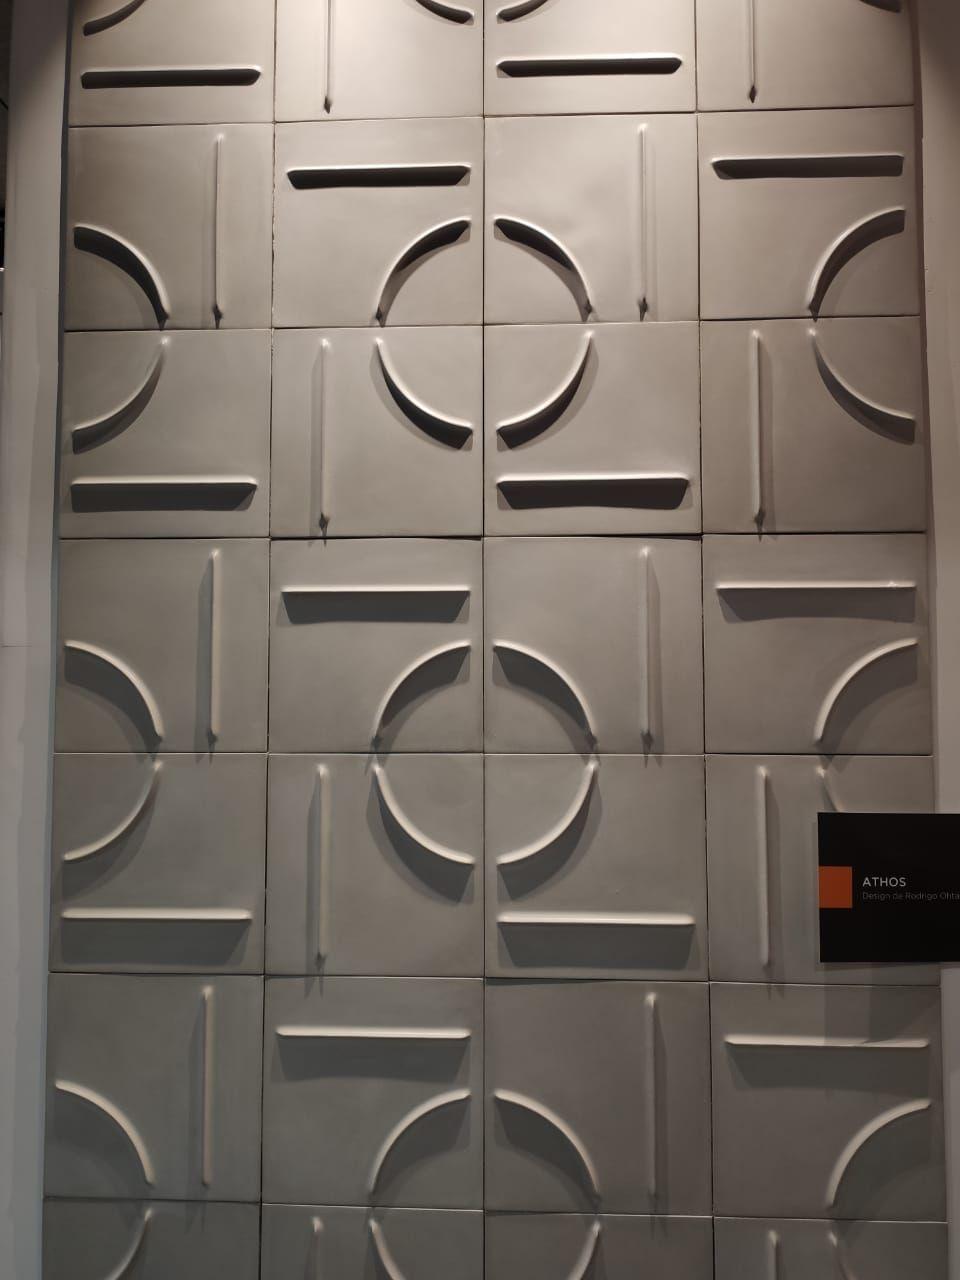 Em homenagem a Athos Bulcão, Rodrigo Ohtake apresenta pela Solarium uma coleção de azulejos que permite layouts surpreendentes.